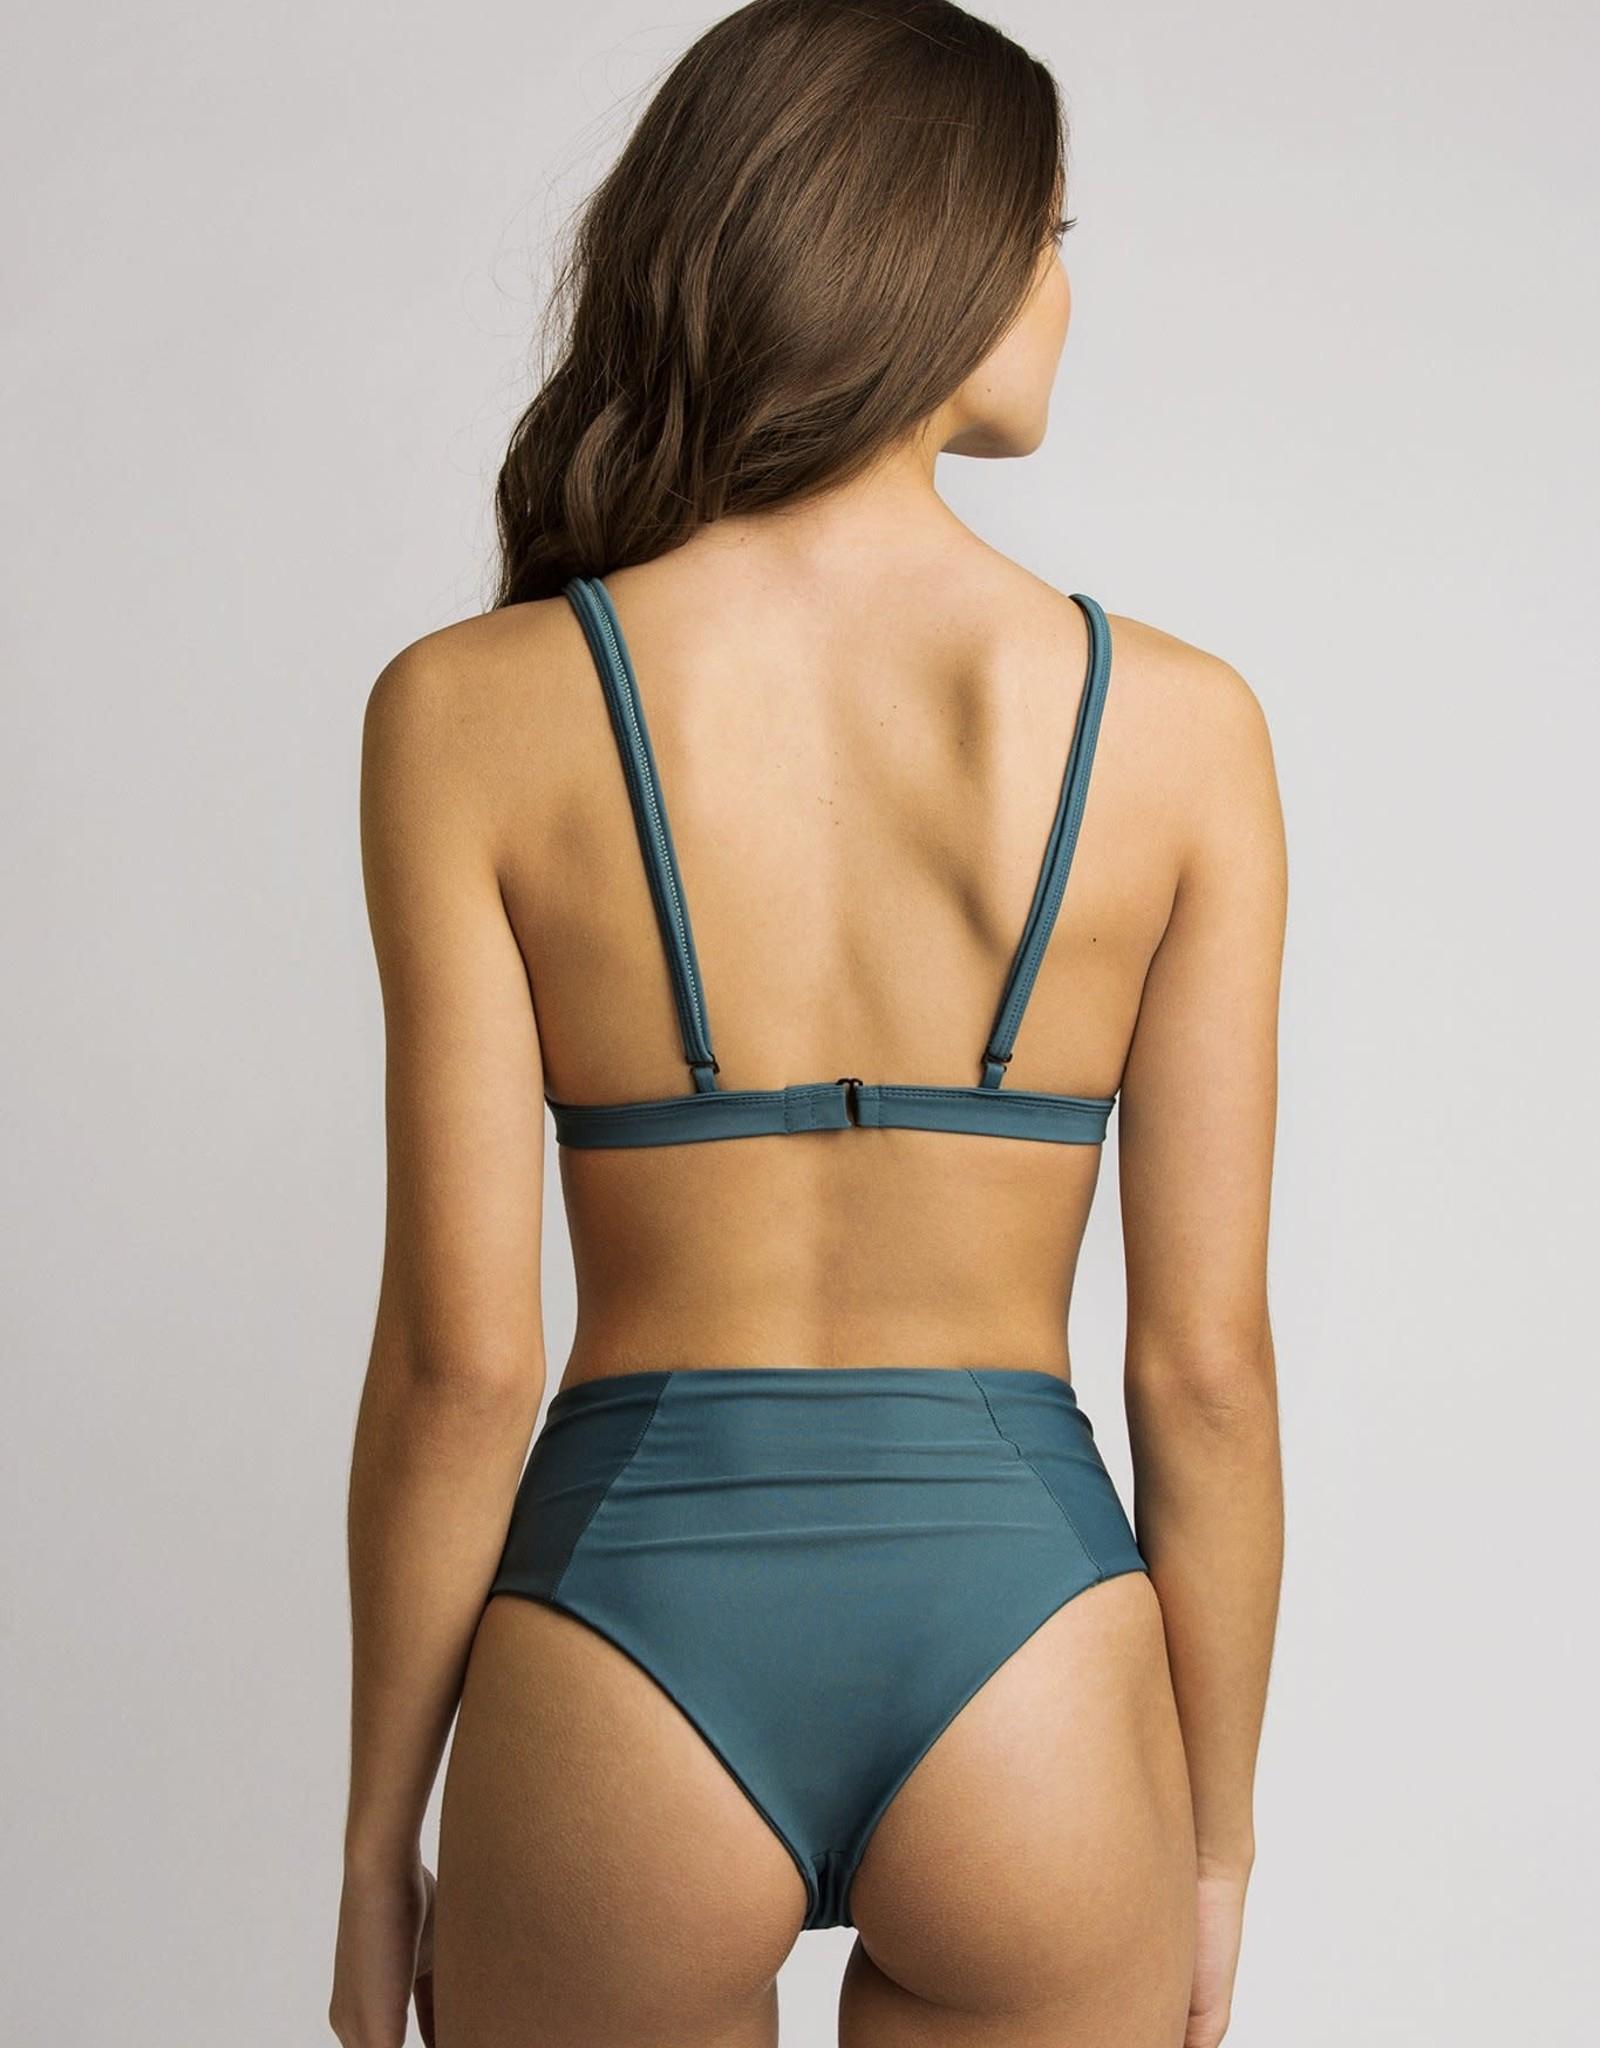 JUNE Swimwear Fred Bikini Top